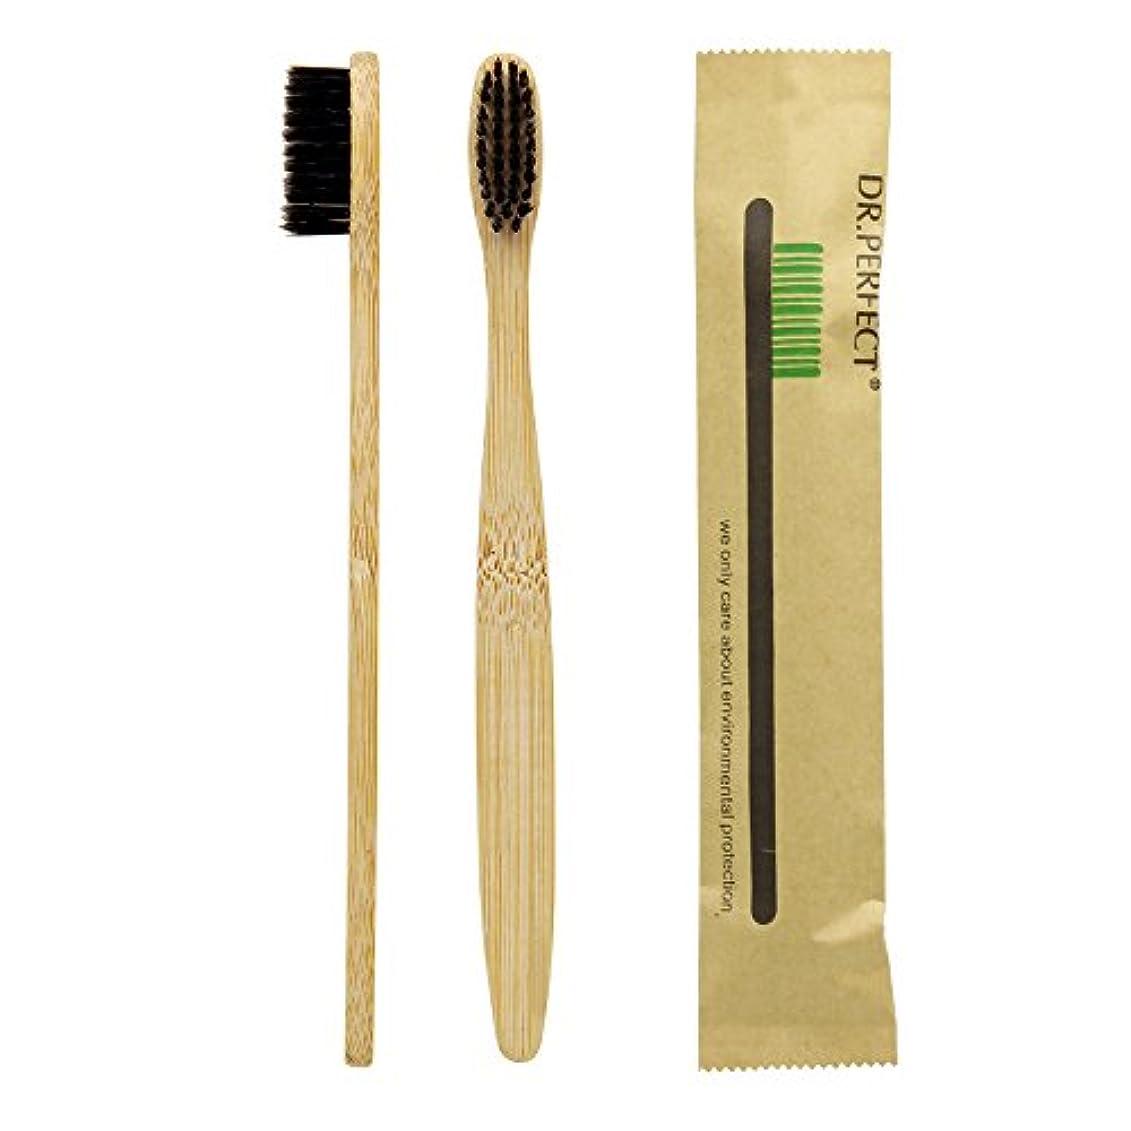 舌違反フォークDr.Perfect 歯ブラシ 竹歯ブラシアダルト竹の歯ブラシ ナイロン毛 環境保護の歯ブラシ (ブラック)